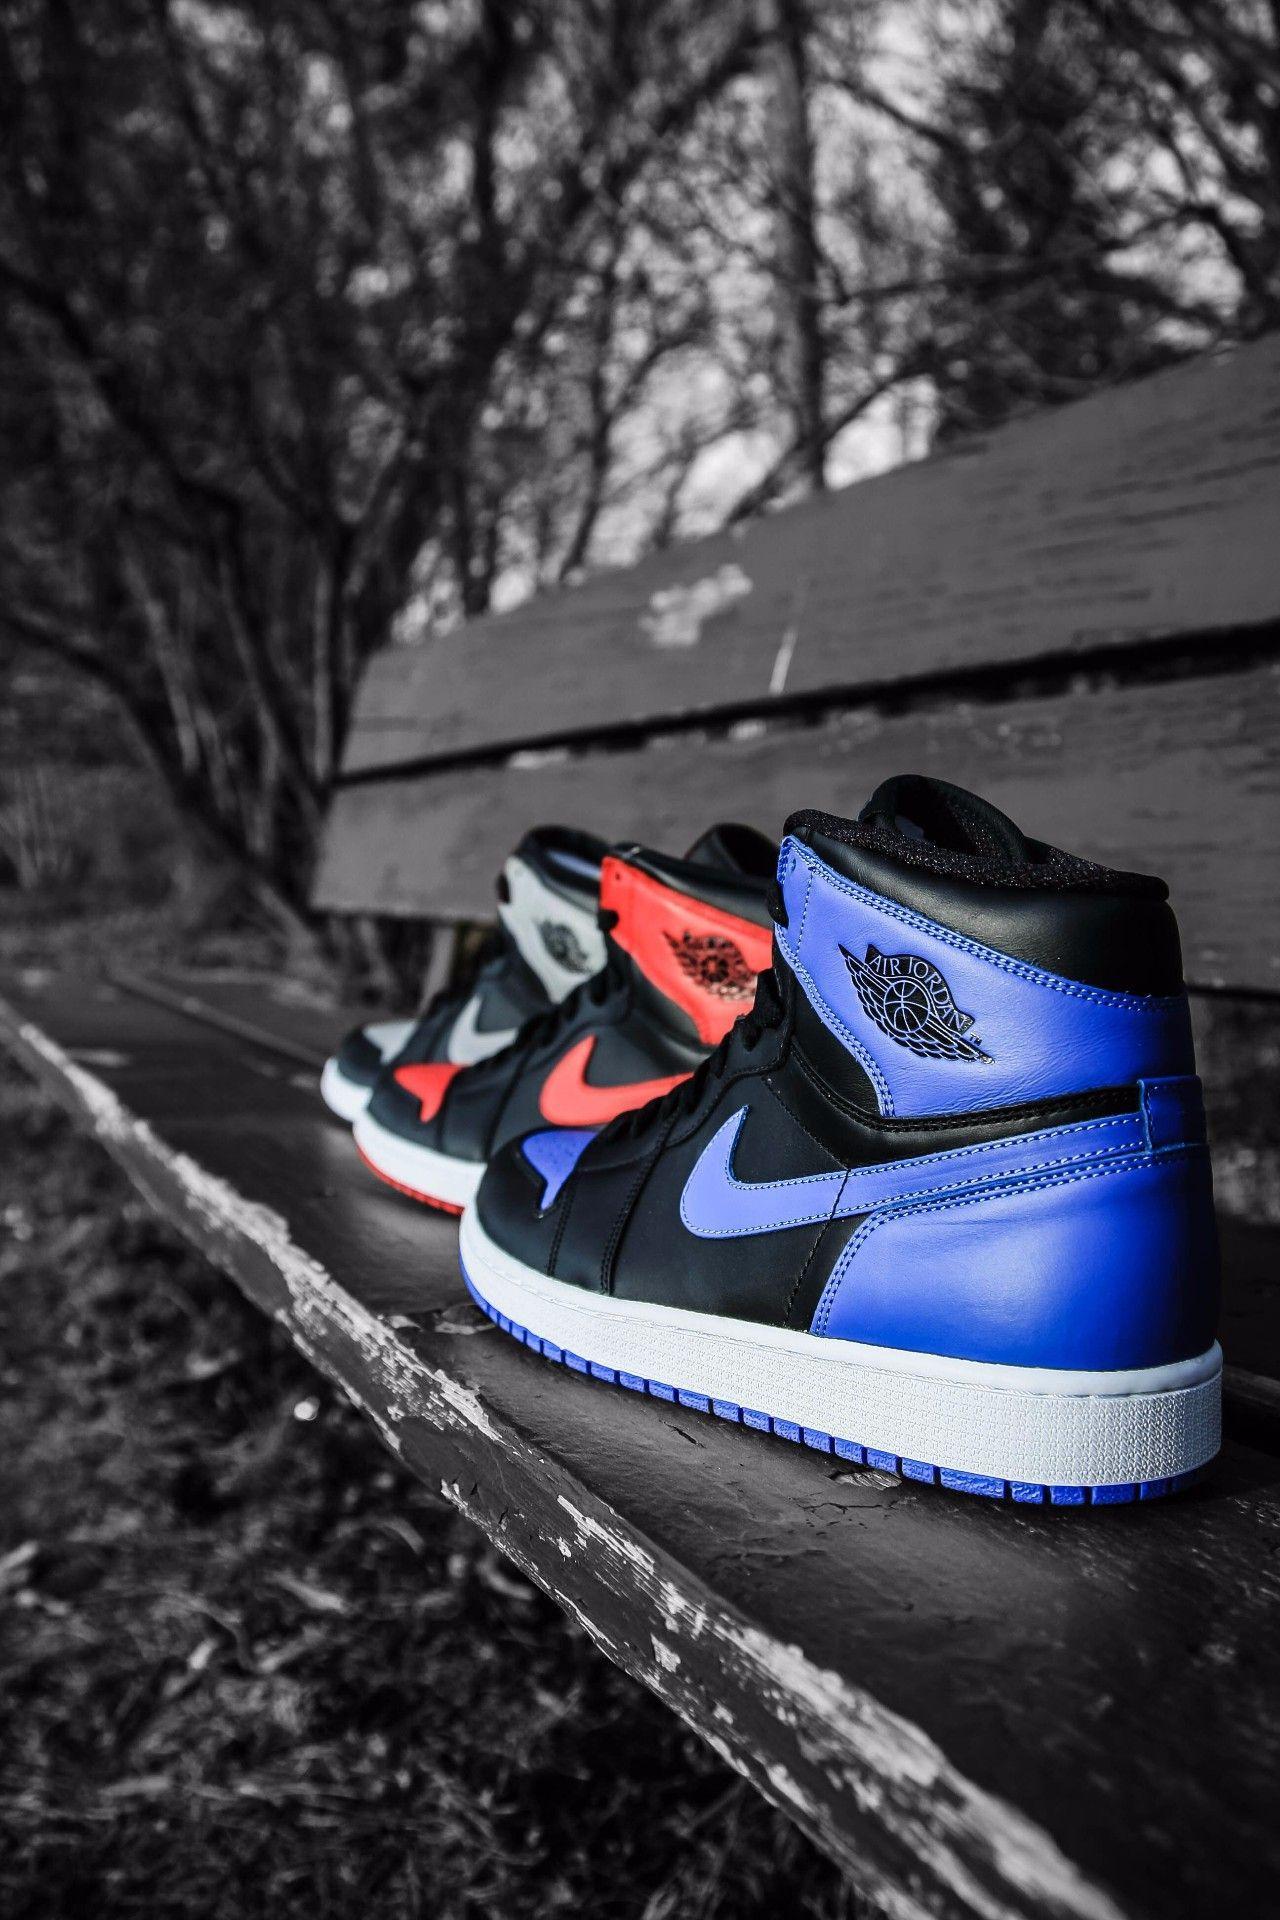 Air Jordan 1 Wallpapers - Top Free Air Jordan 1 ...